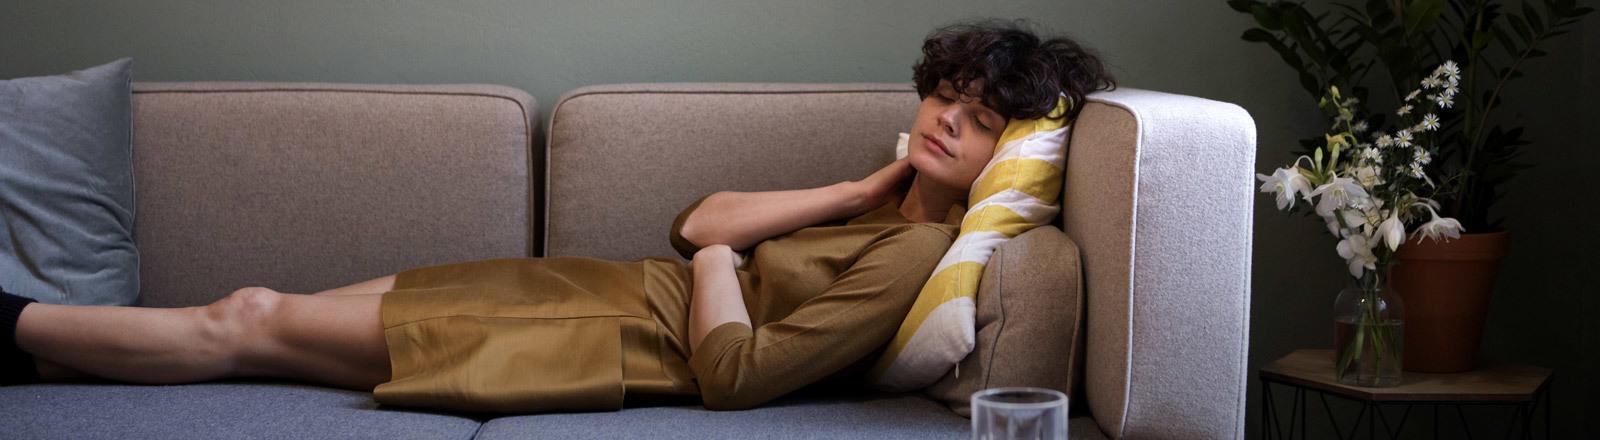 Eine Frau liegt auf einem Sofa